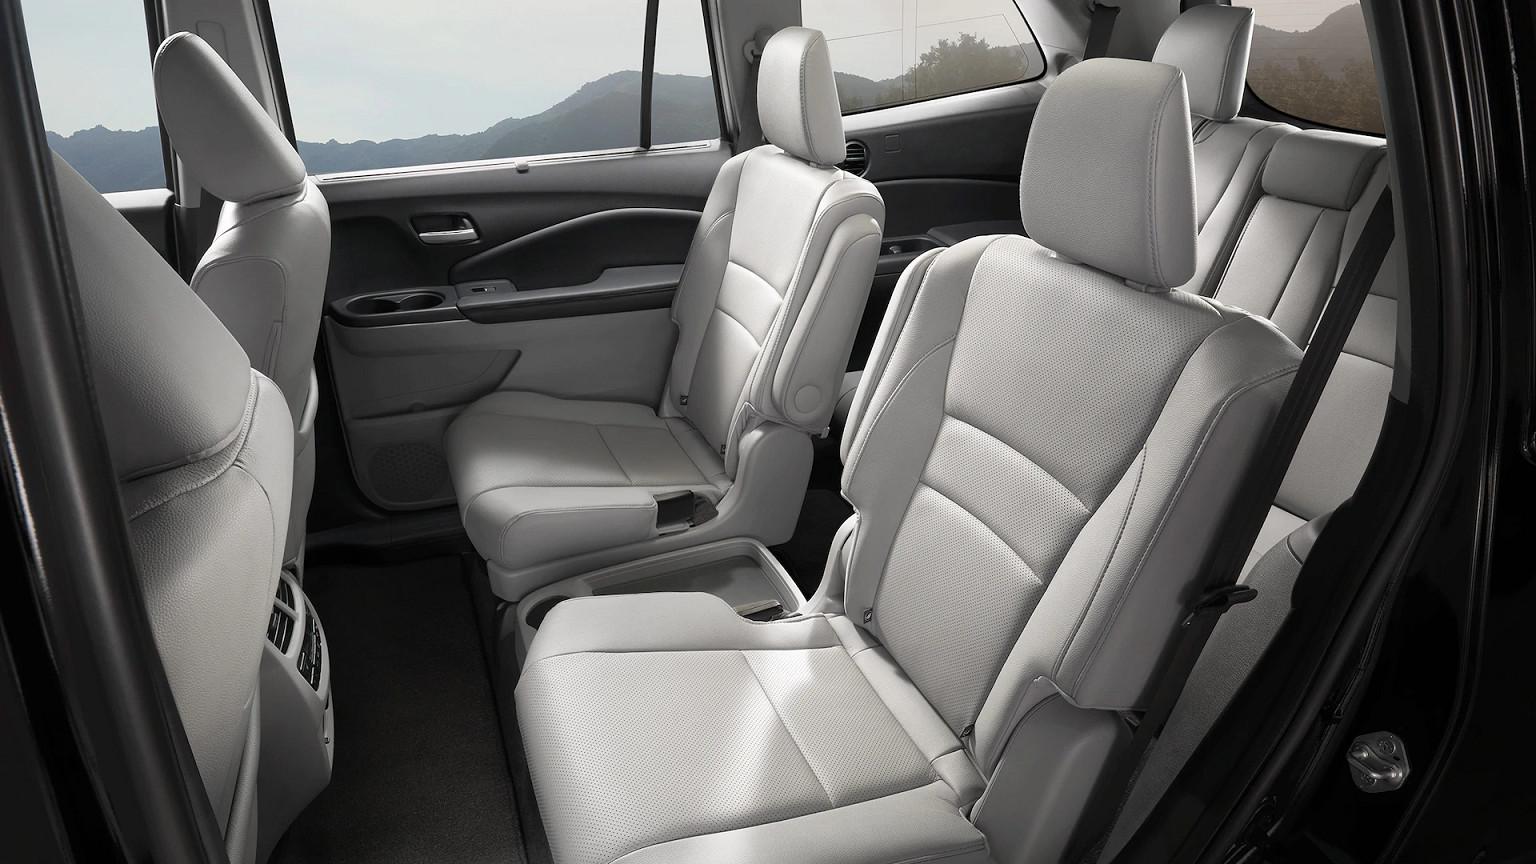 Spacious Interior of the 2020 Honda Pilot